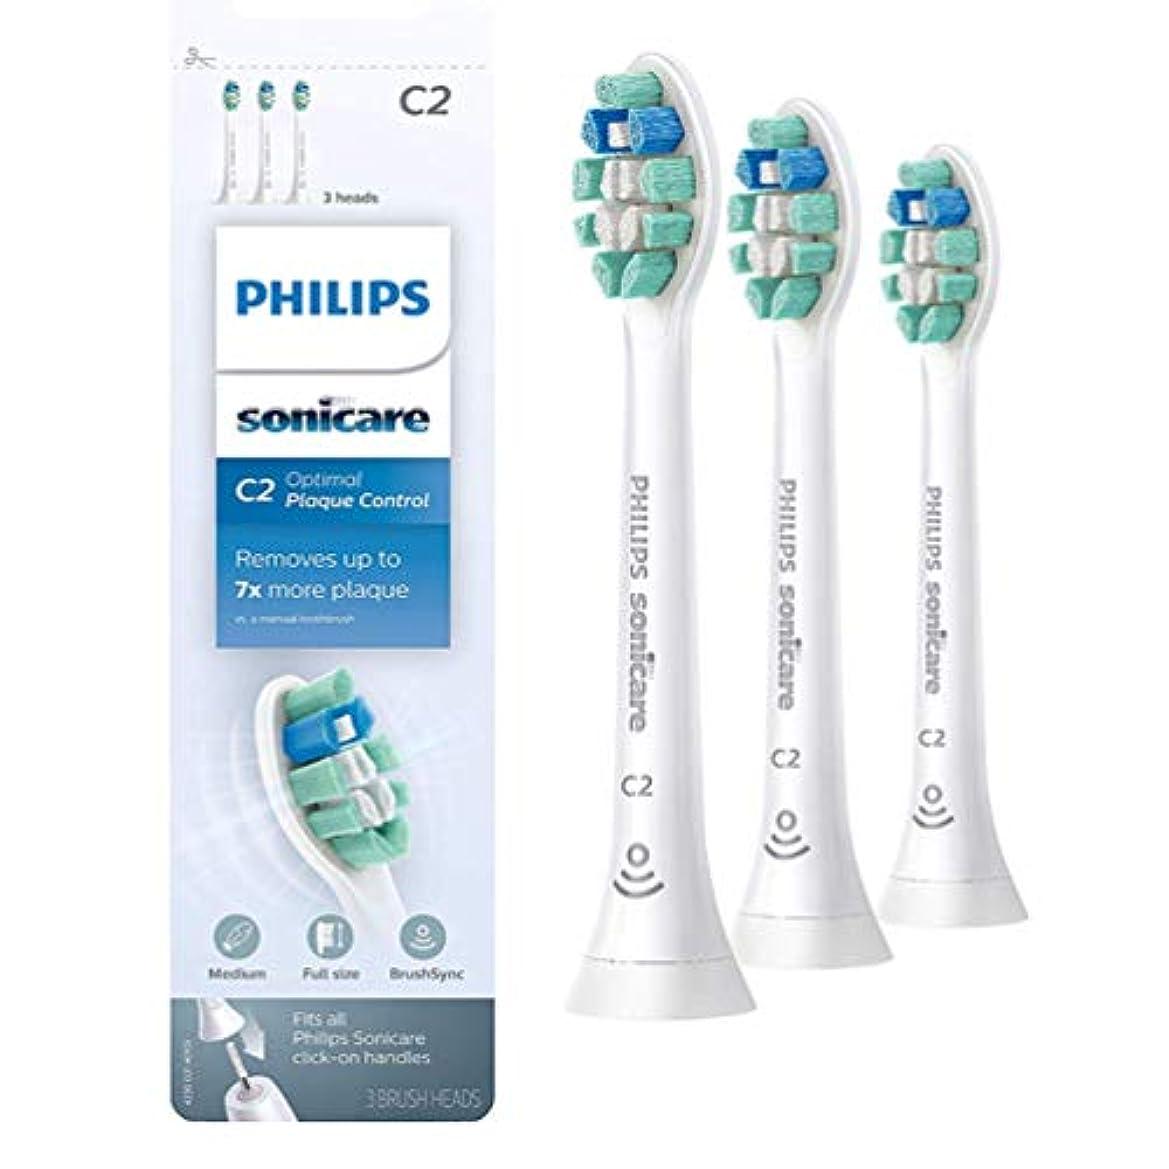 支払う圧縮されたプレビュー(正規品)Philips Sonicareソニッケアークリーンプラス (旧プラークディフェンス)電動歯ブラシHX9023 3本組